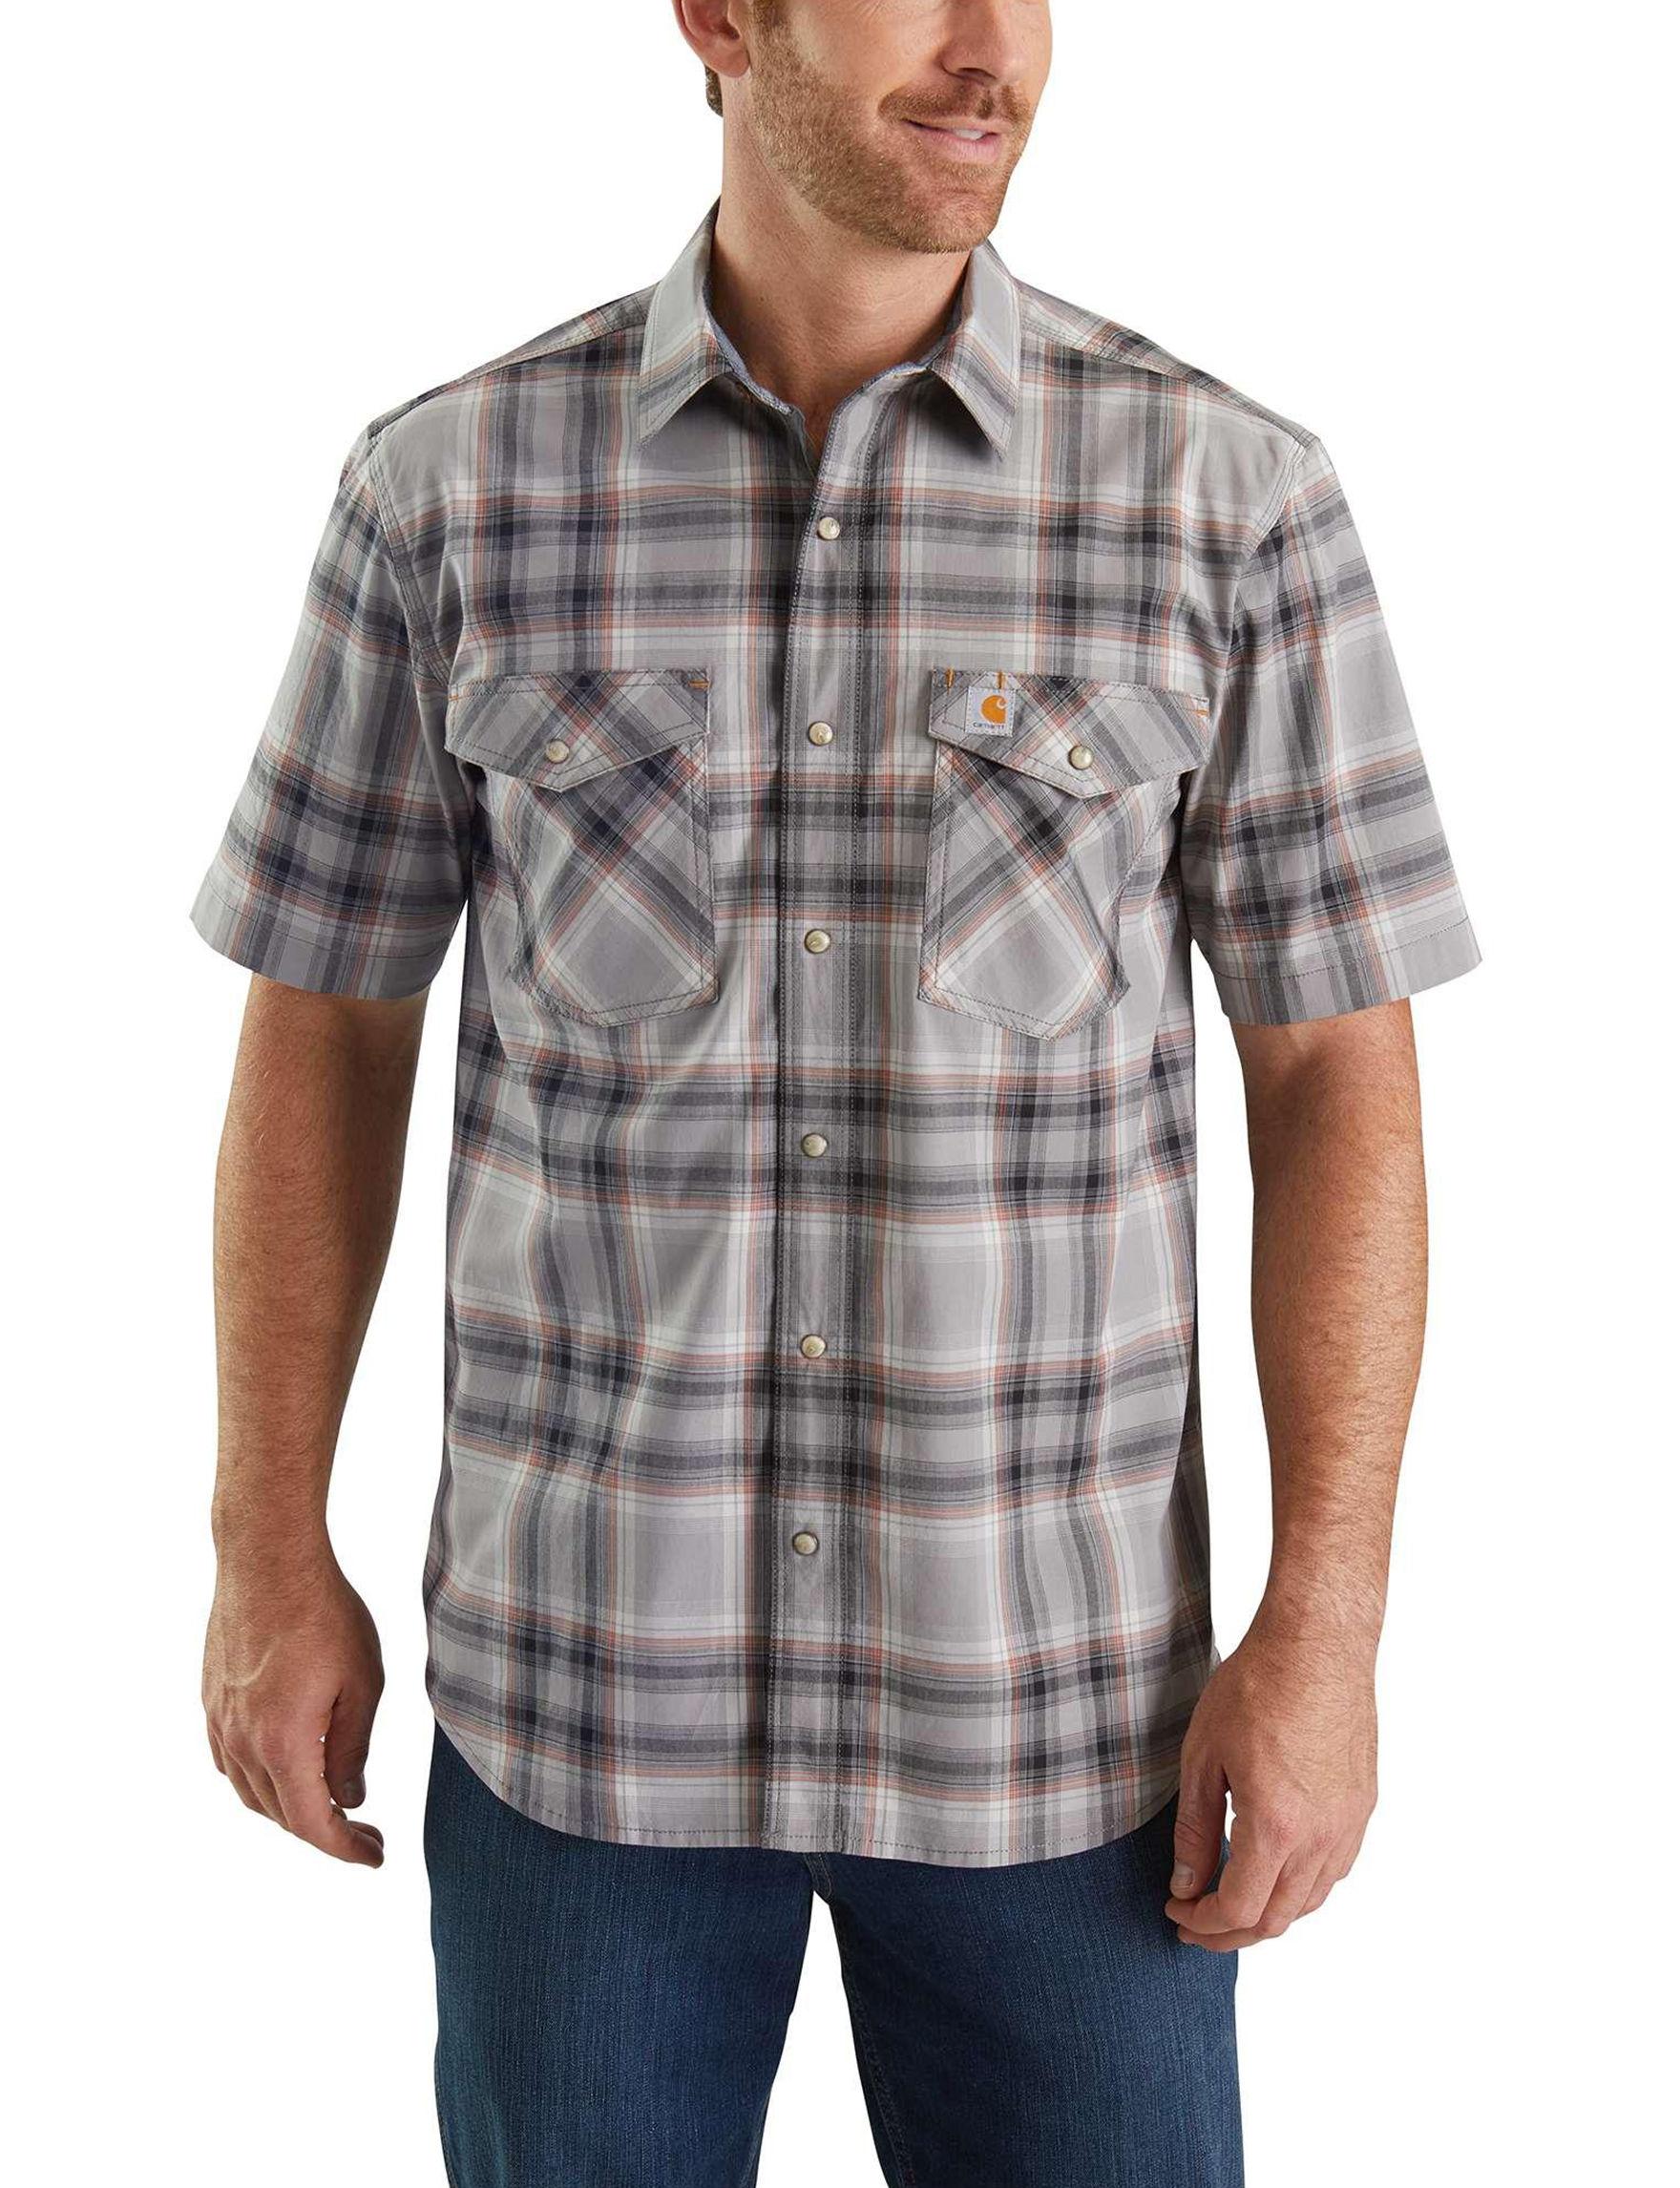 Carhartt Grey Plaid Casual Button Down Shirts